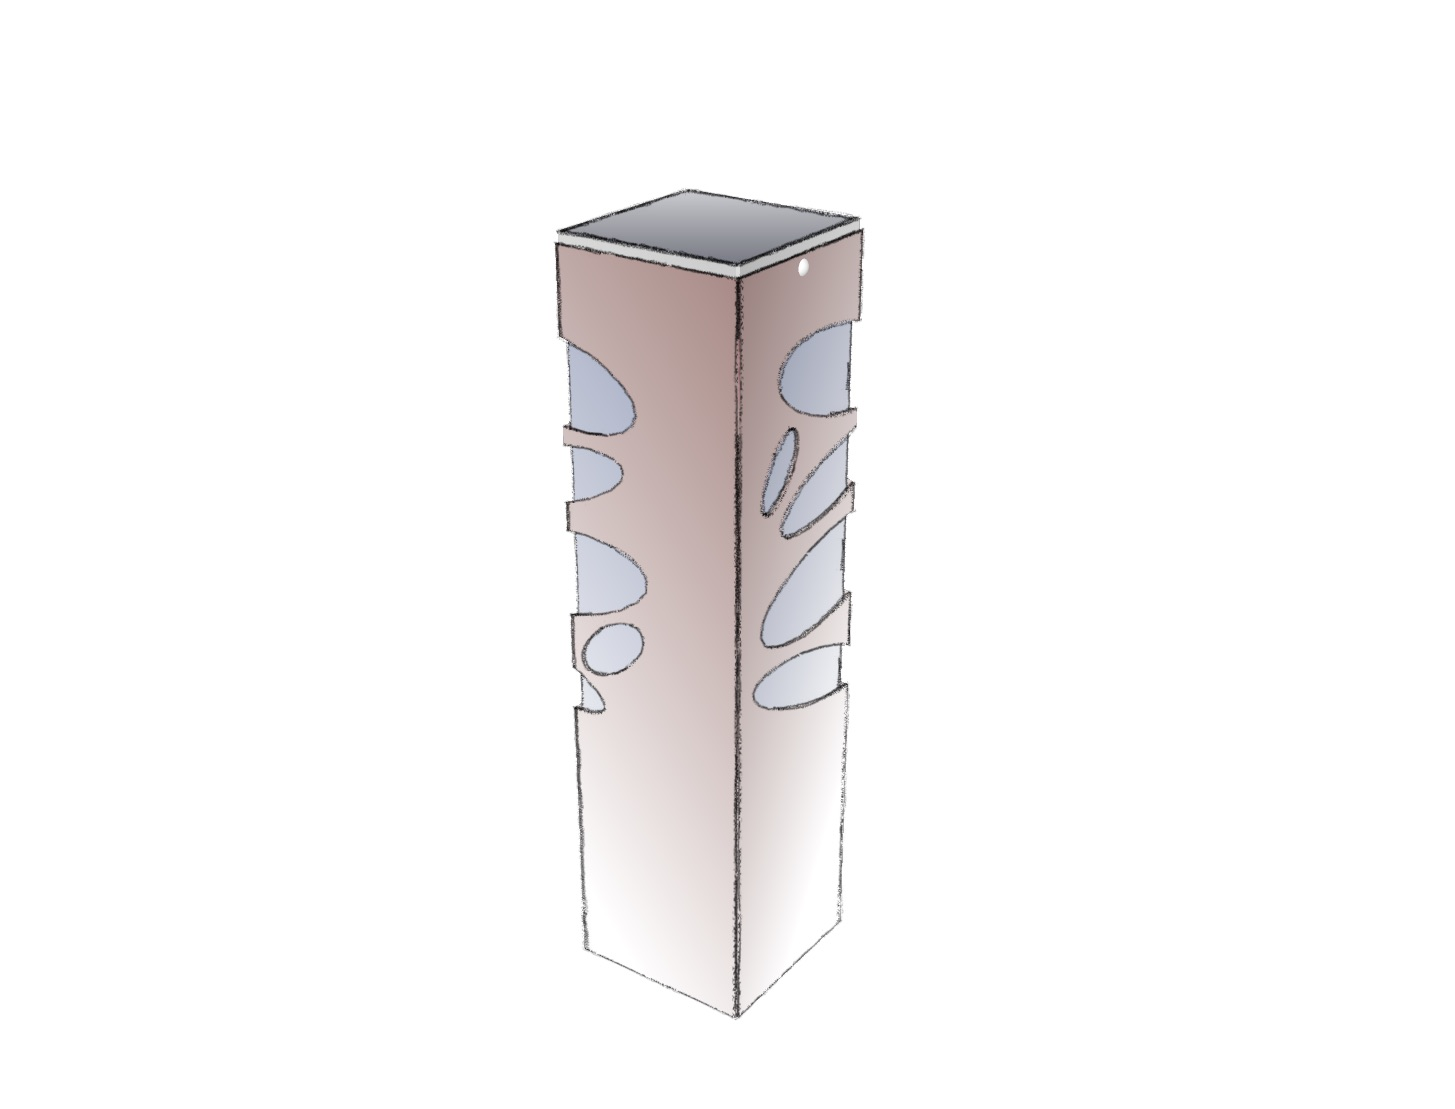 Lampe extérieure solaire avec motifs lumineux galets. La borne solaire BNS 011 se destine au balisage de chemin, au balisage d'allée, à l'éclairage d'entrée, et l'éclairage de jardin. Cette lampe extérieure solaire est une lampe autonome équipée d'un capteur solaire puissant, et diffusant un éclairage performant. Comme tous les luminaires d'extérieur LYX Luminaires, la lampe extérieure solaire BNS 011 est de conception et fabrication française.